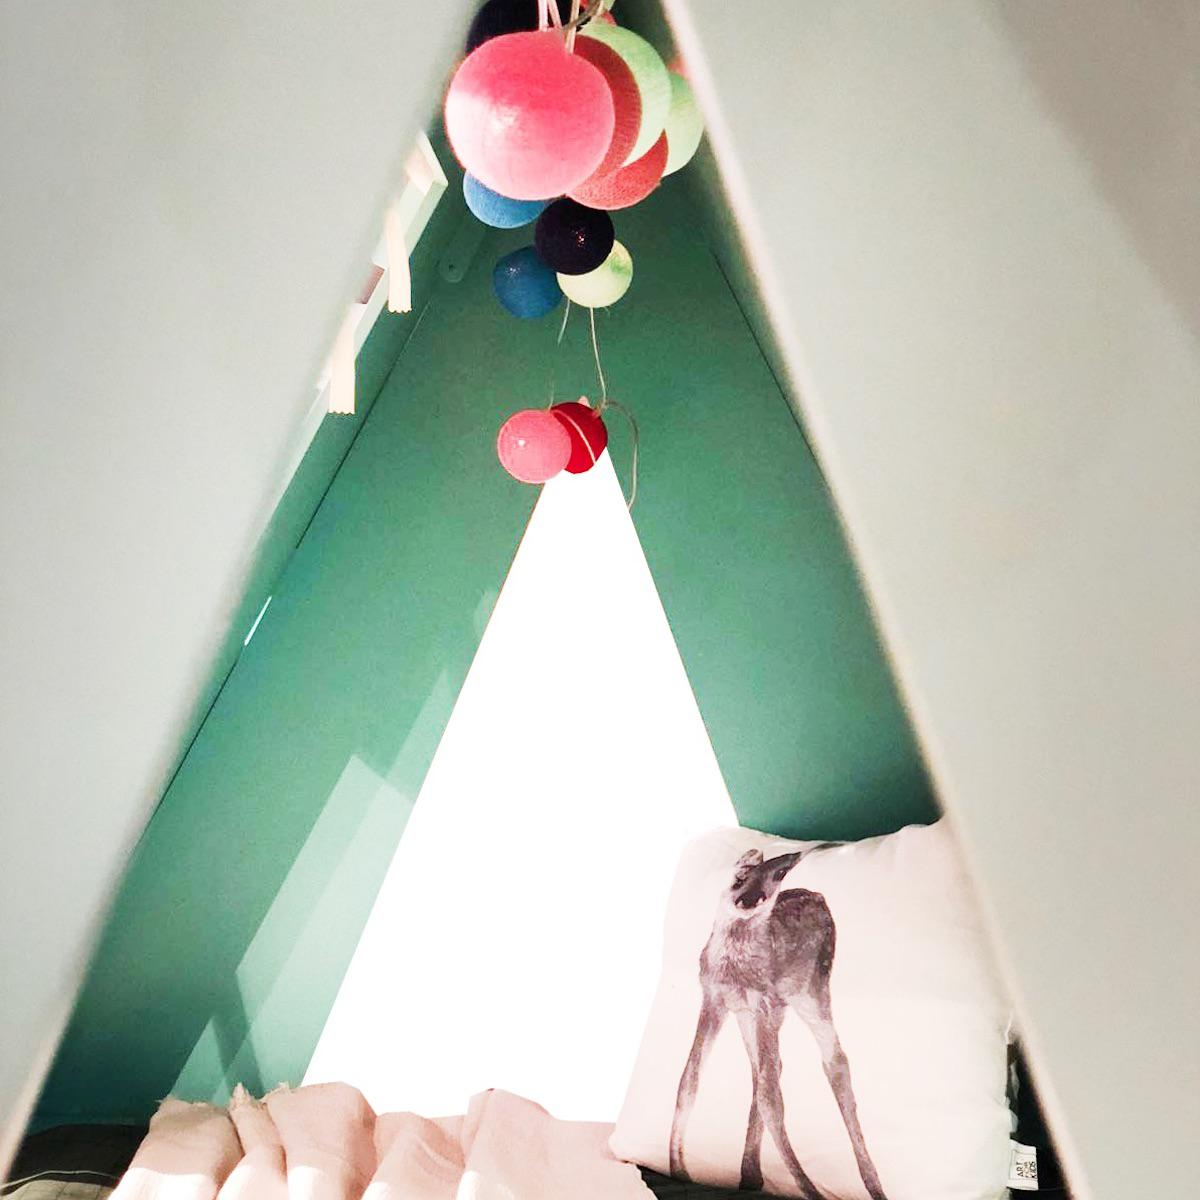 Lit bas-tiroir 90x200cm TENTE Mathy by Bols bleu atlantique